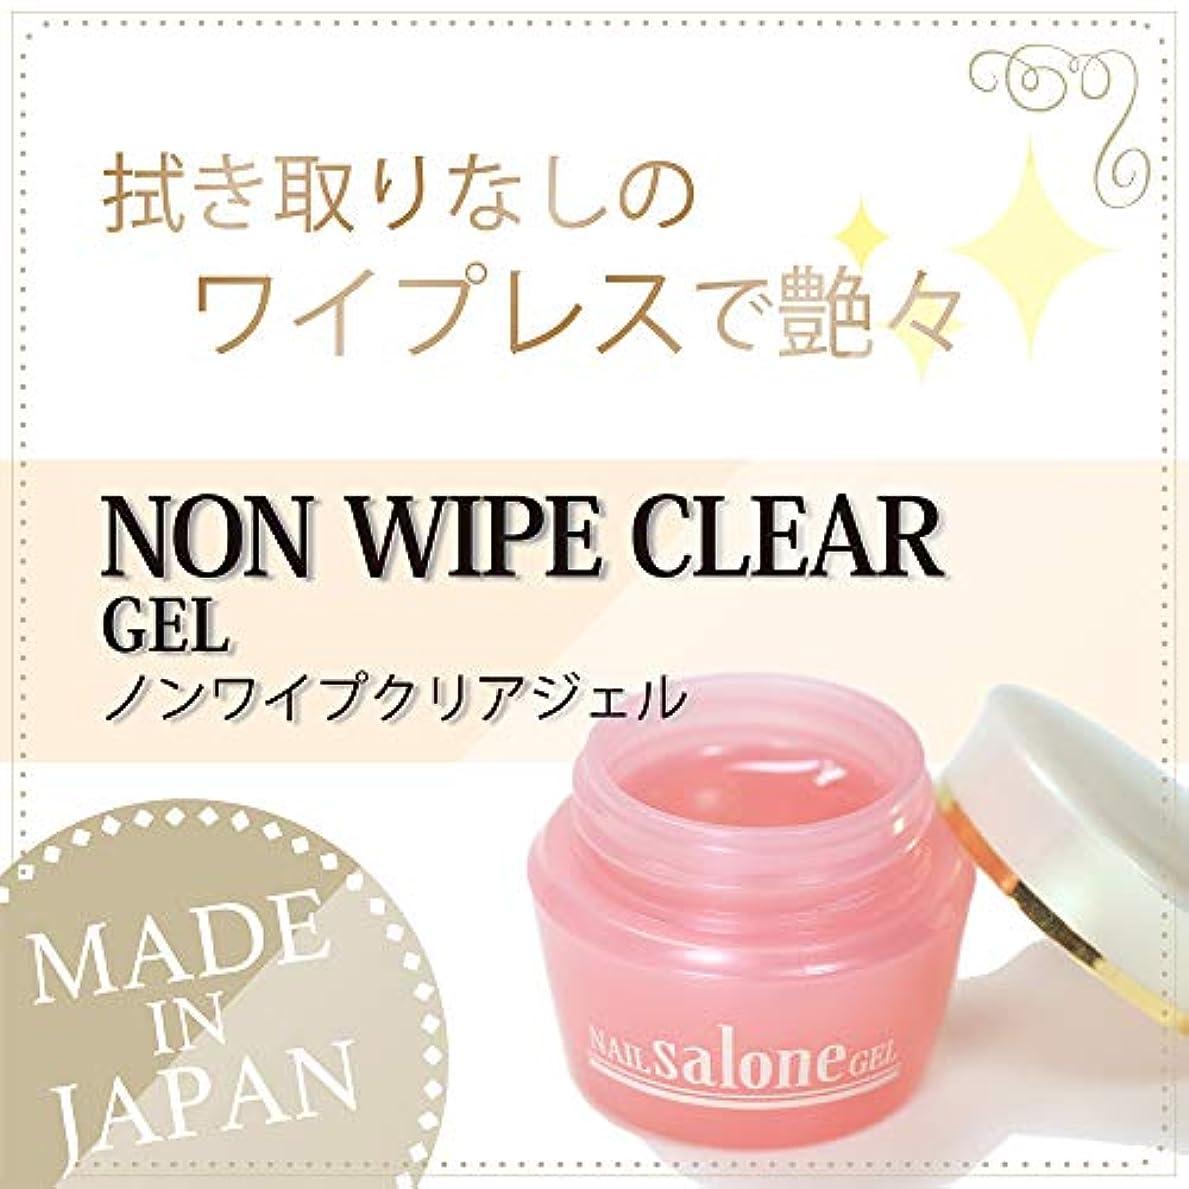 ミシン精神的に印象的なSalone gel ノンワイプトップジェル 3g